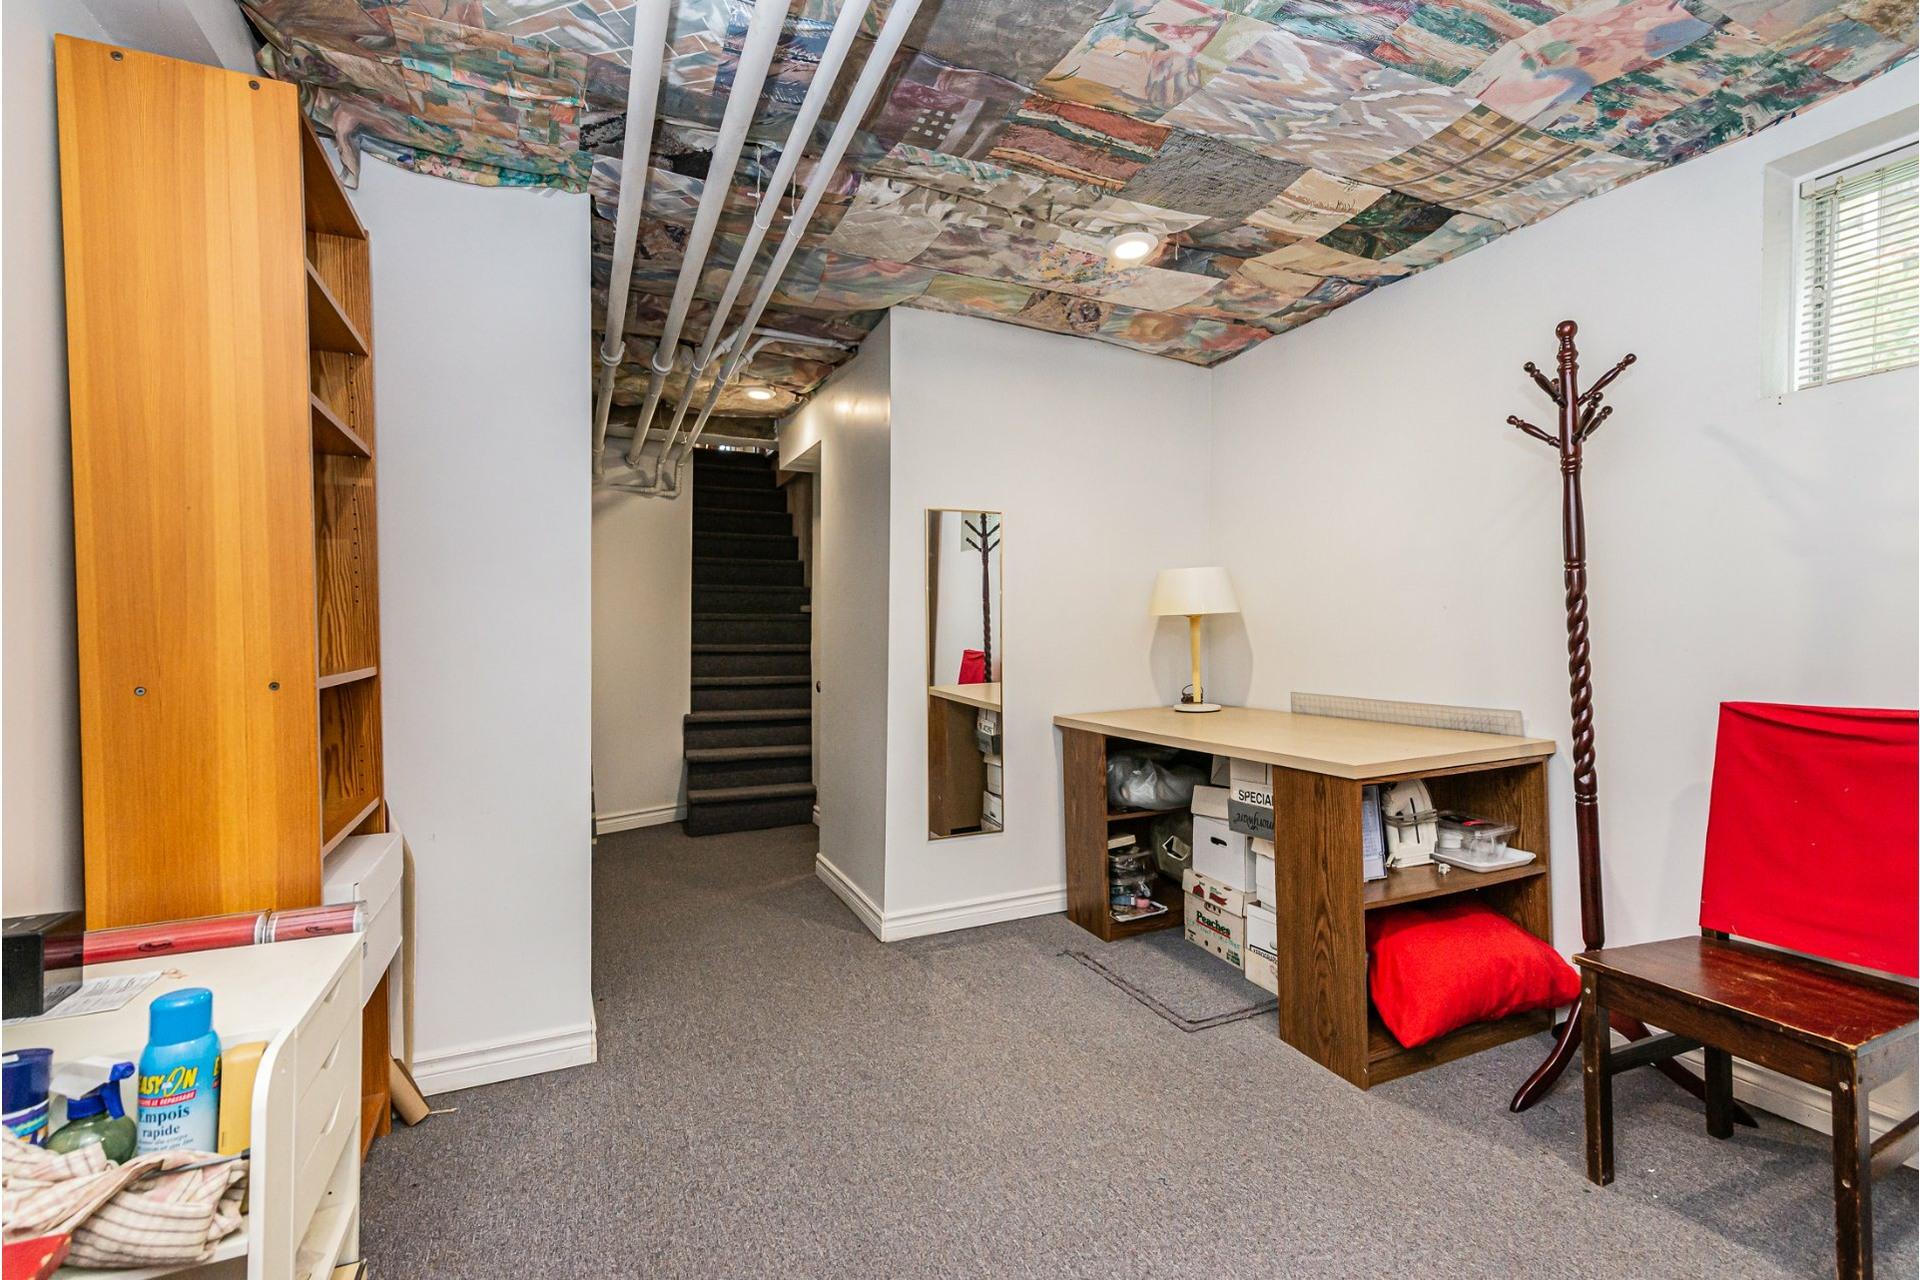 image 25 - Appartement À vendre Côte-des-Neiges/Notre-Dame-de-Grâce Montréal  - 7 pièces